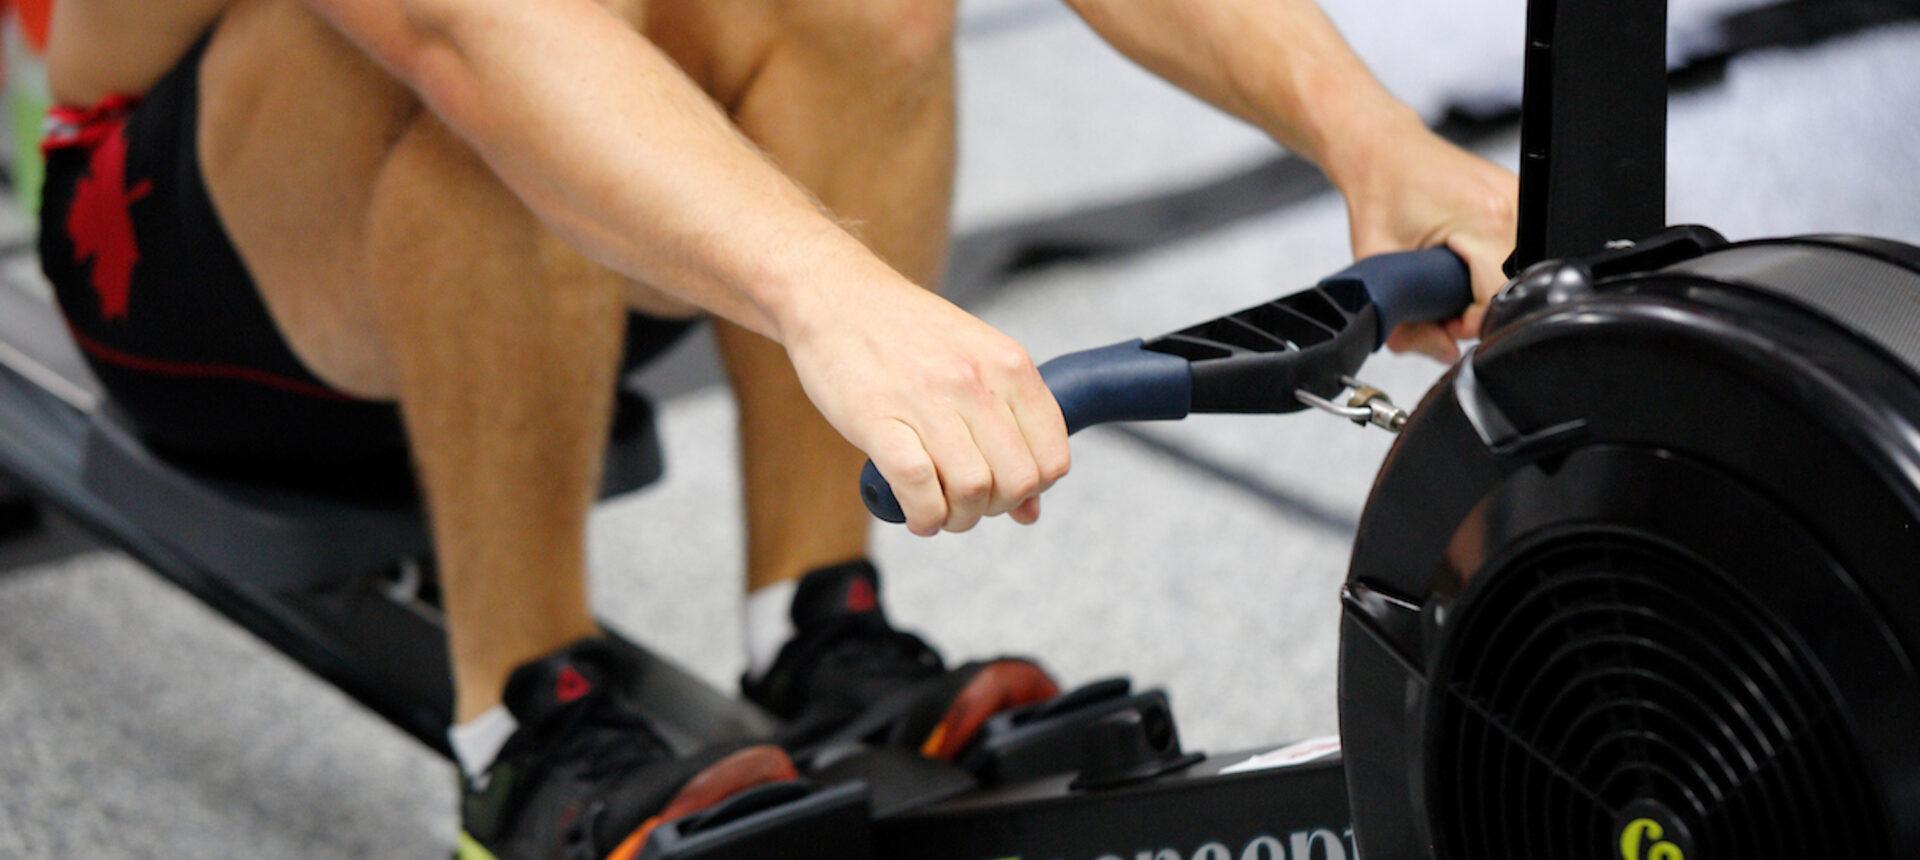 Member Update #6: Return to Rowing